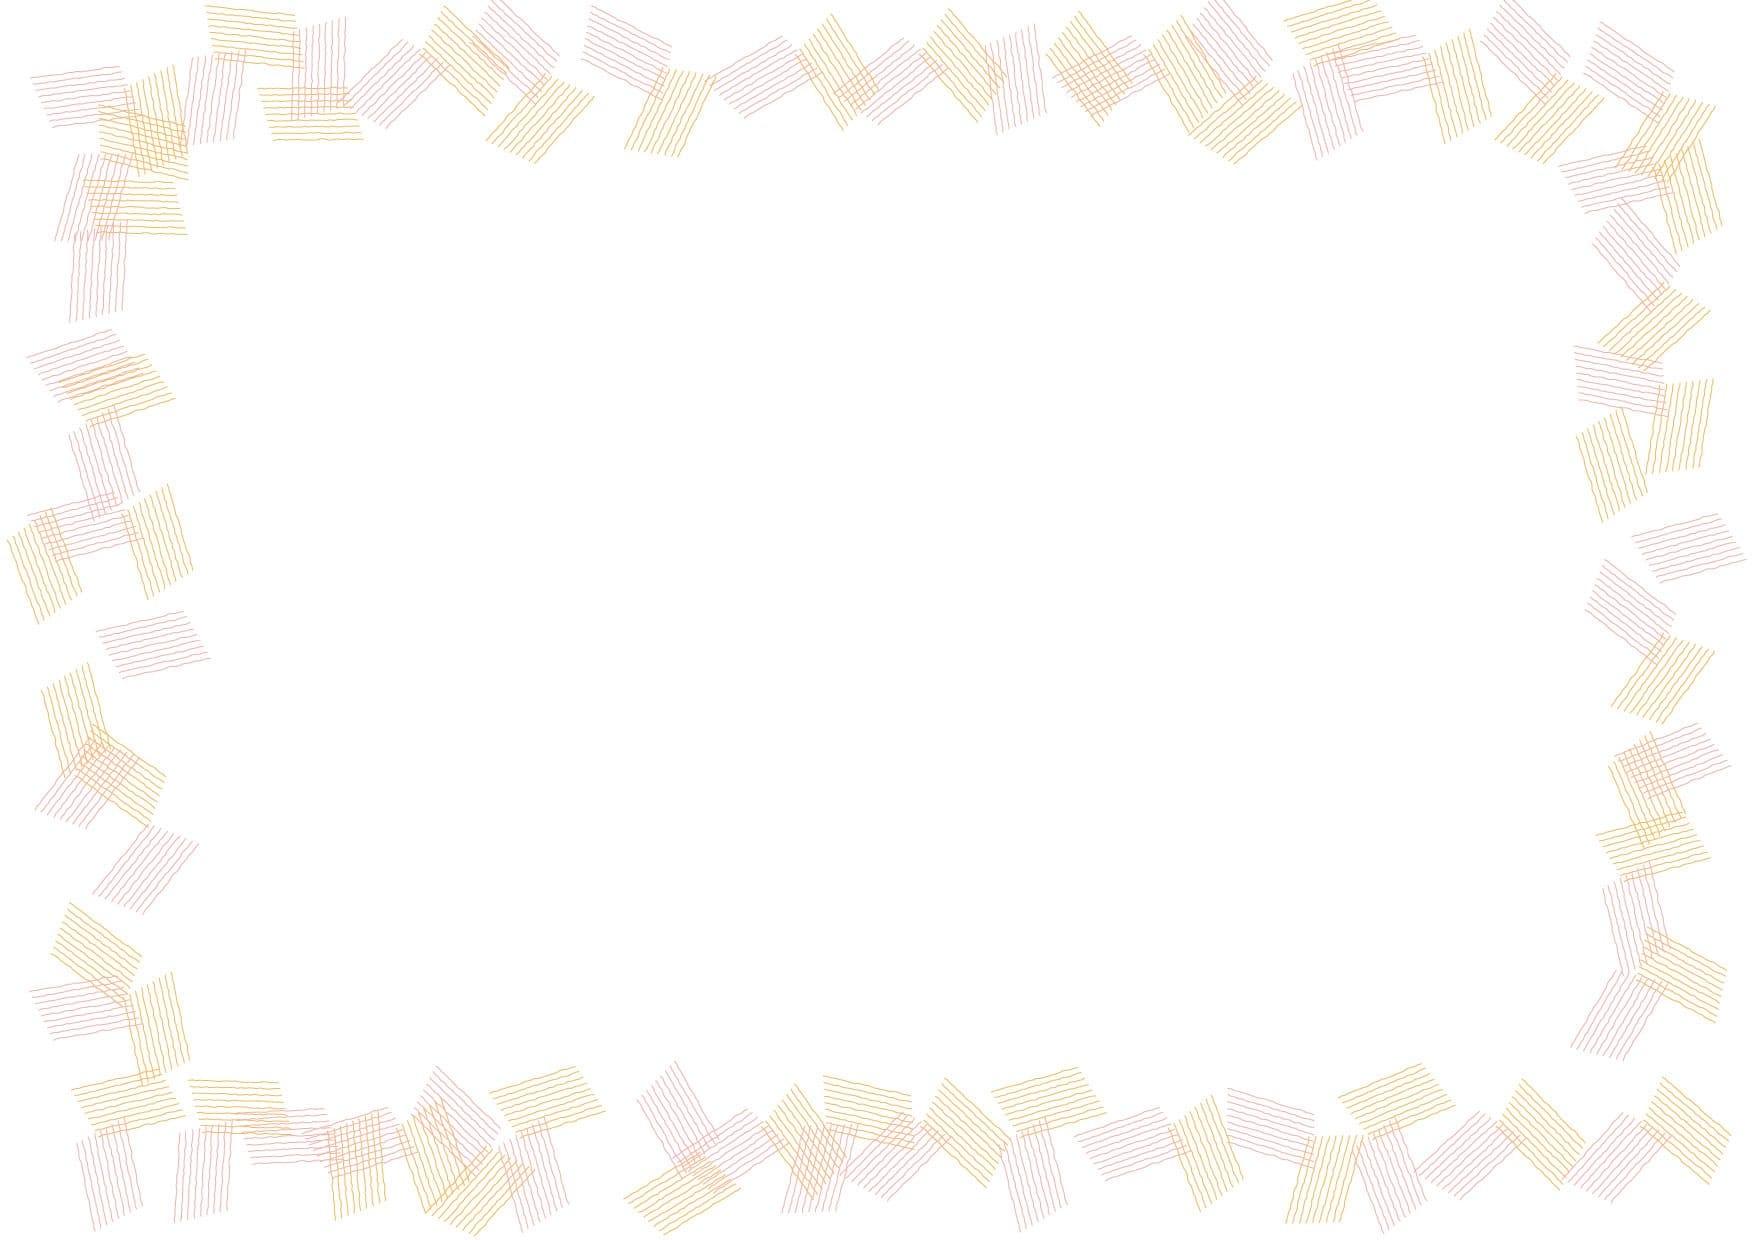 可愛いイラスト無料|背景 シンプル フレーム オレンジ色 − free illustration  Background simple frame orange